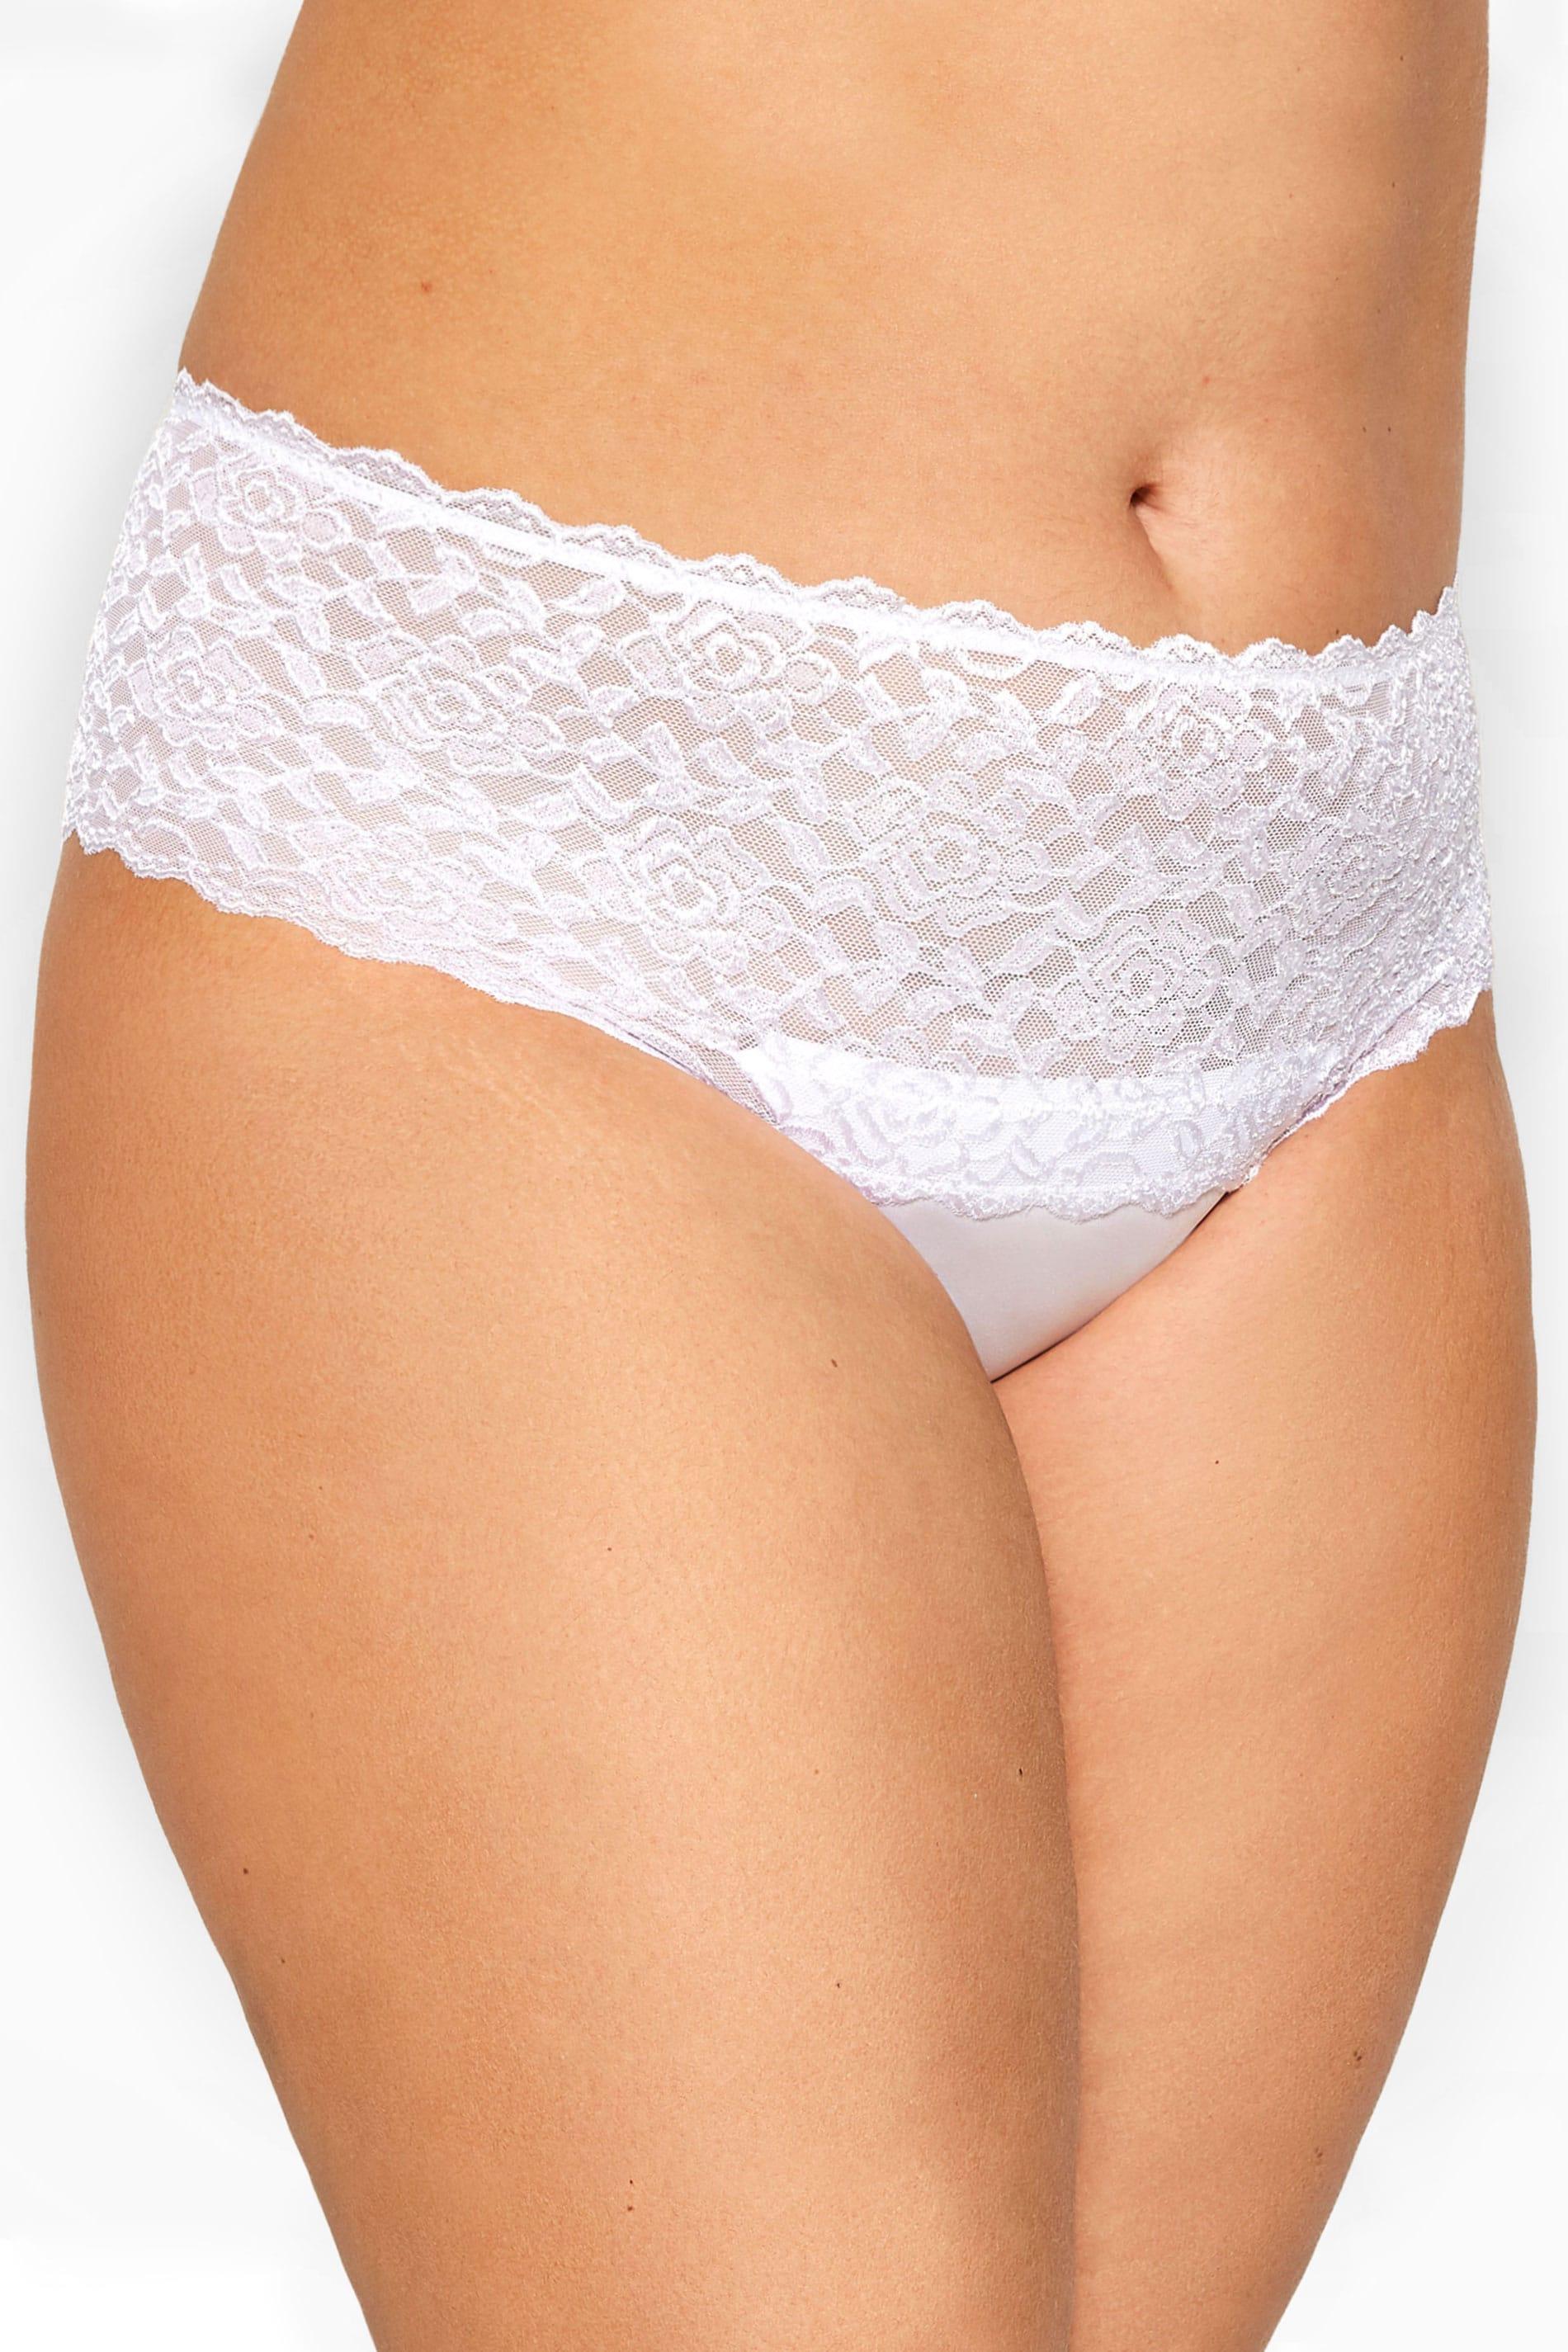 White Lace Brazilian Briefs